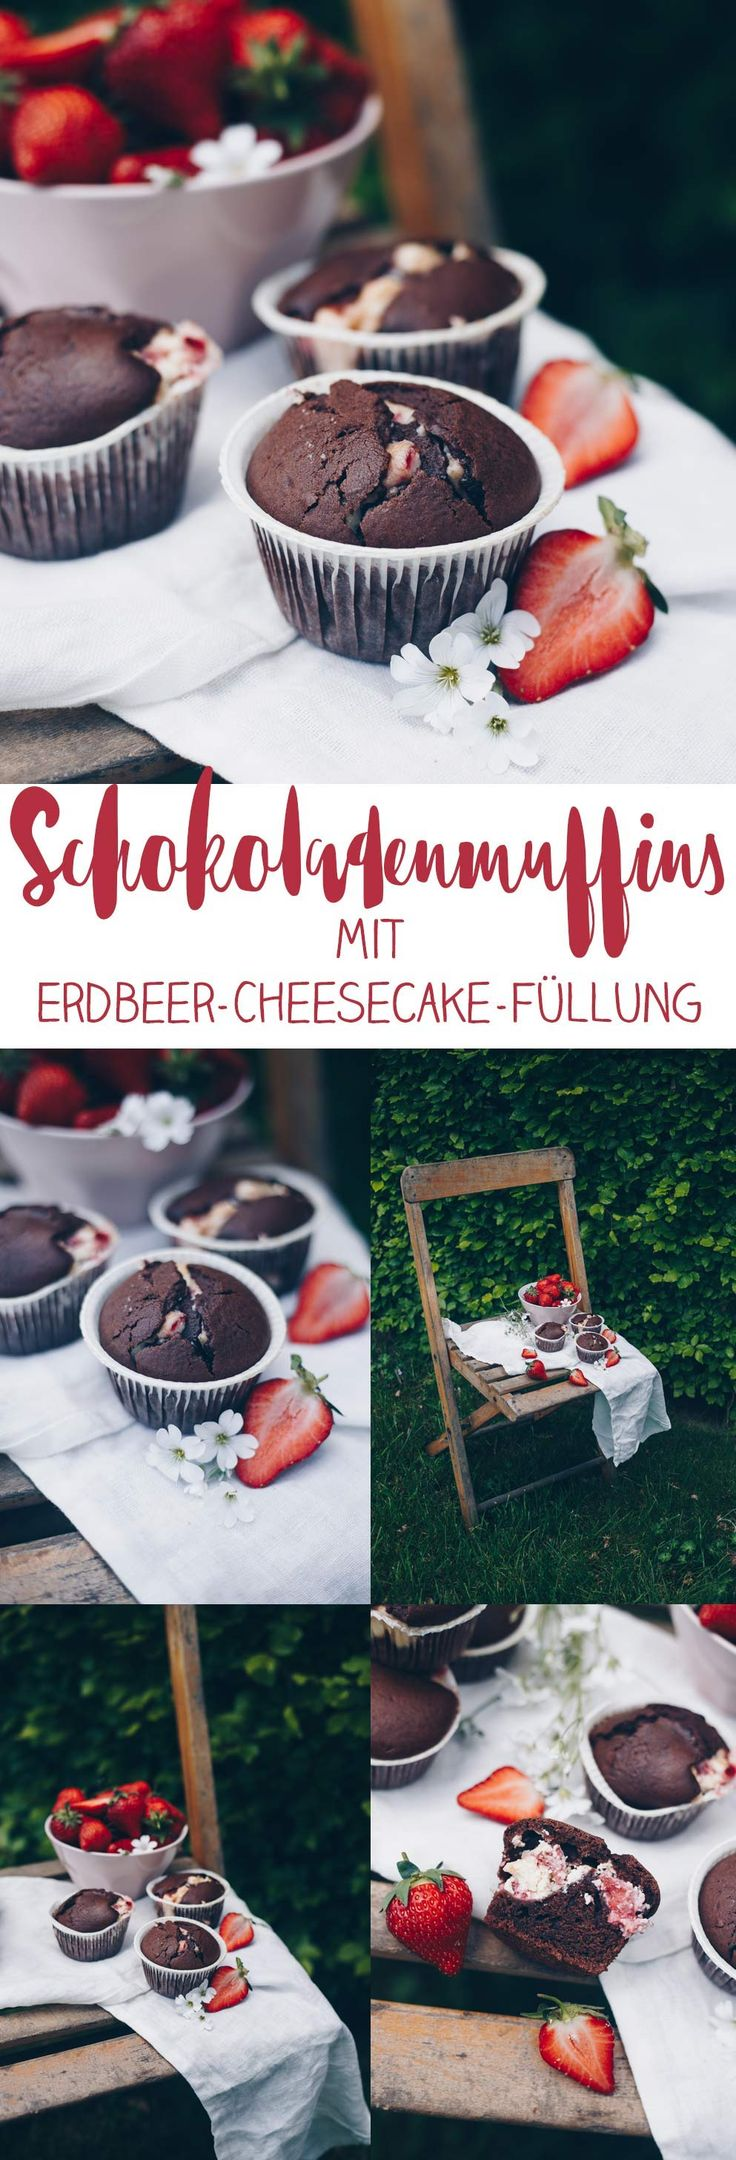 Schokoladenmuffins mit Erdbeer-Cheesecake-Füllung backen – Erdbeeren